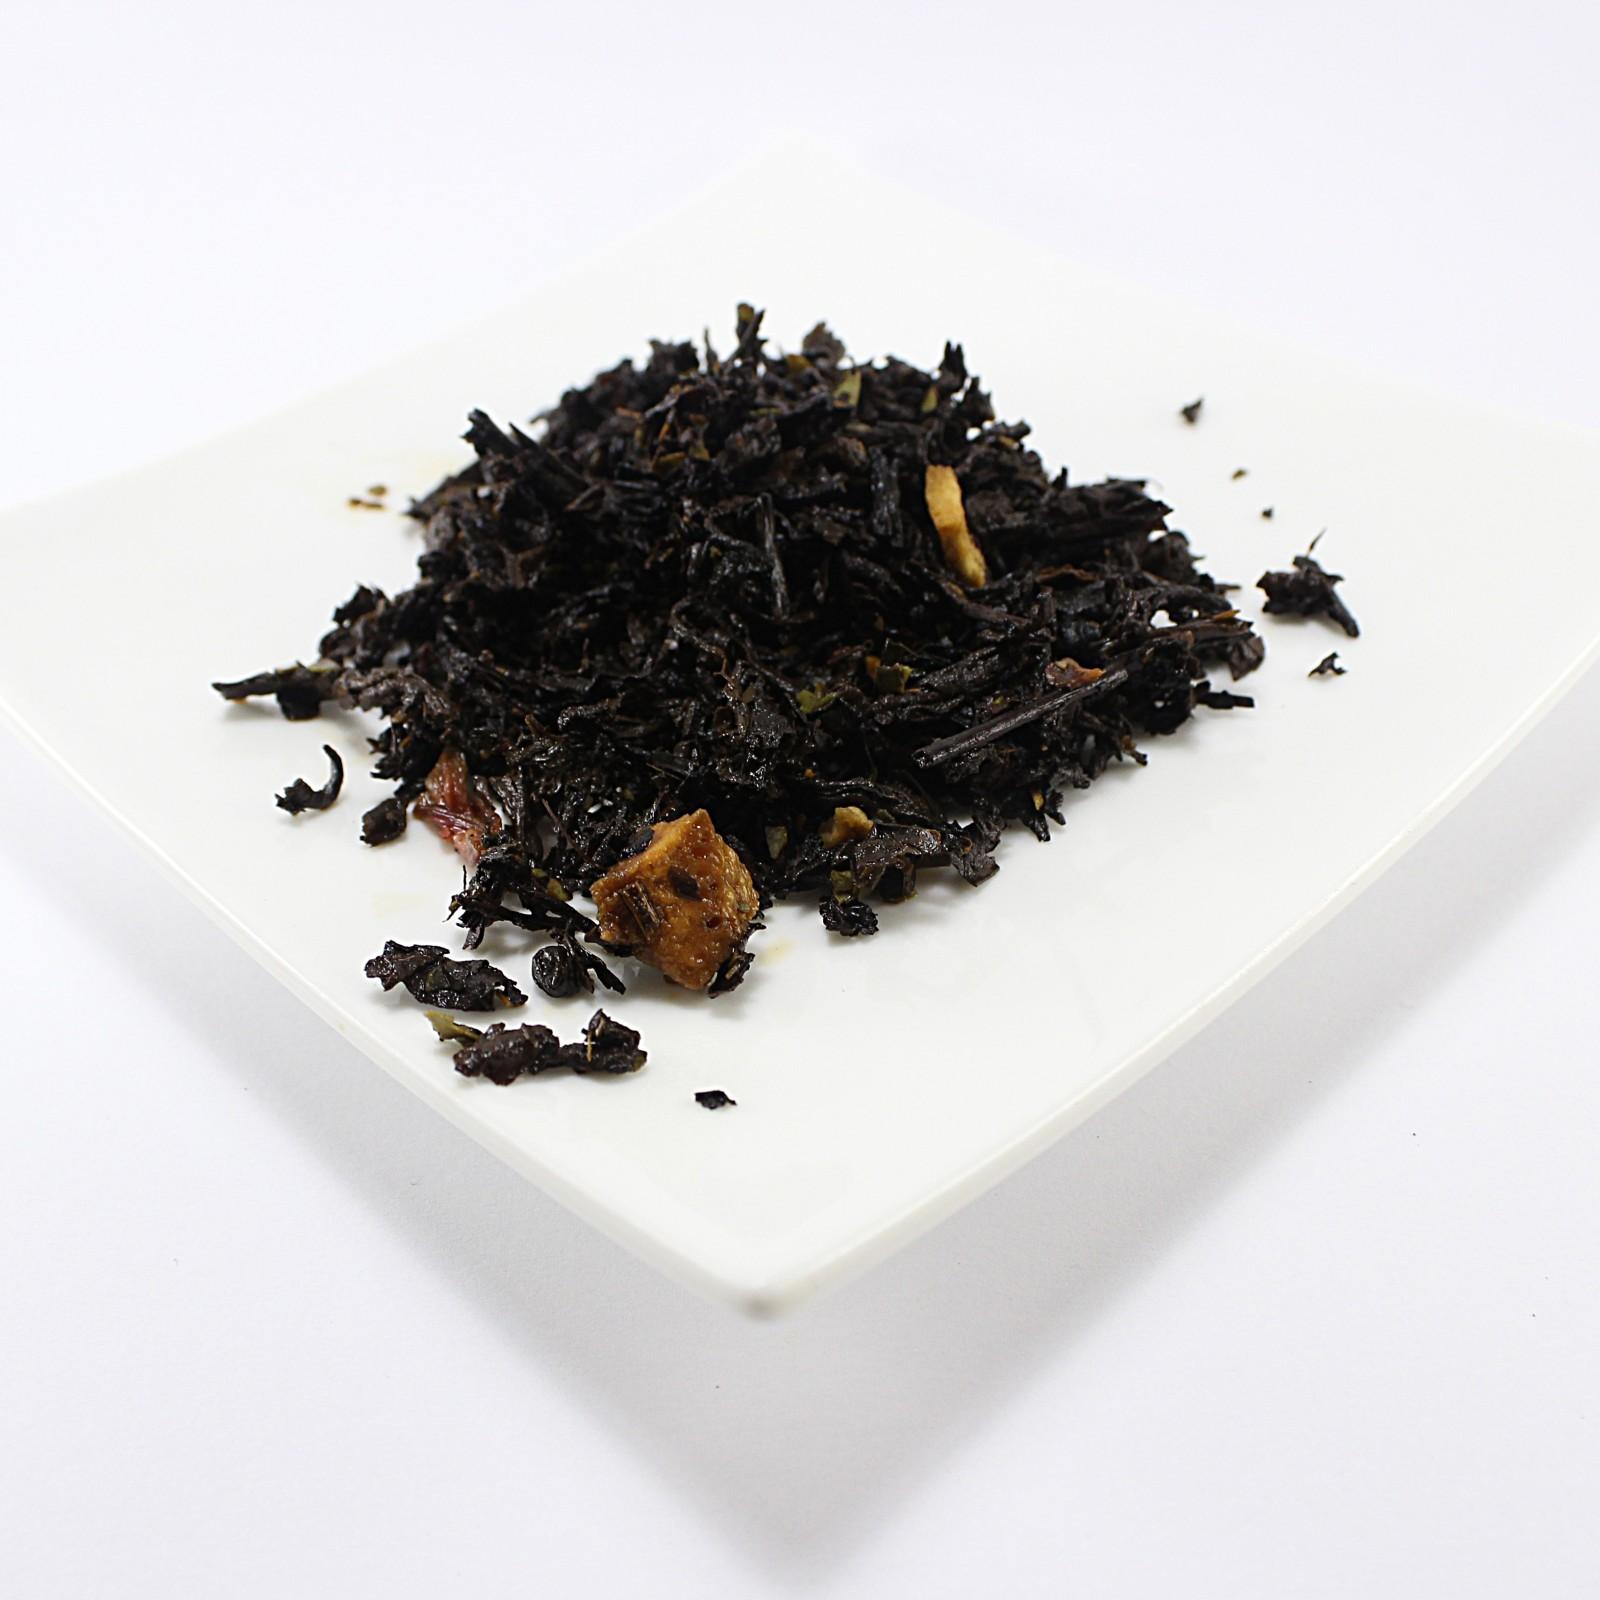 Aphrodi-Tee fogyókúrás tea